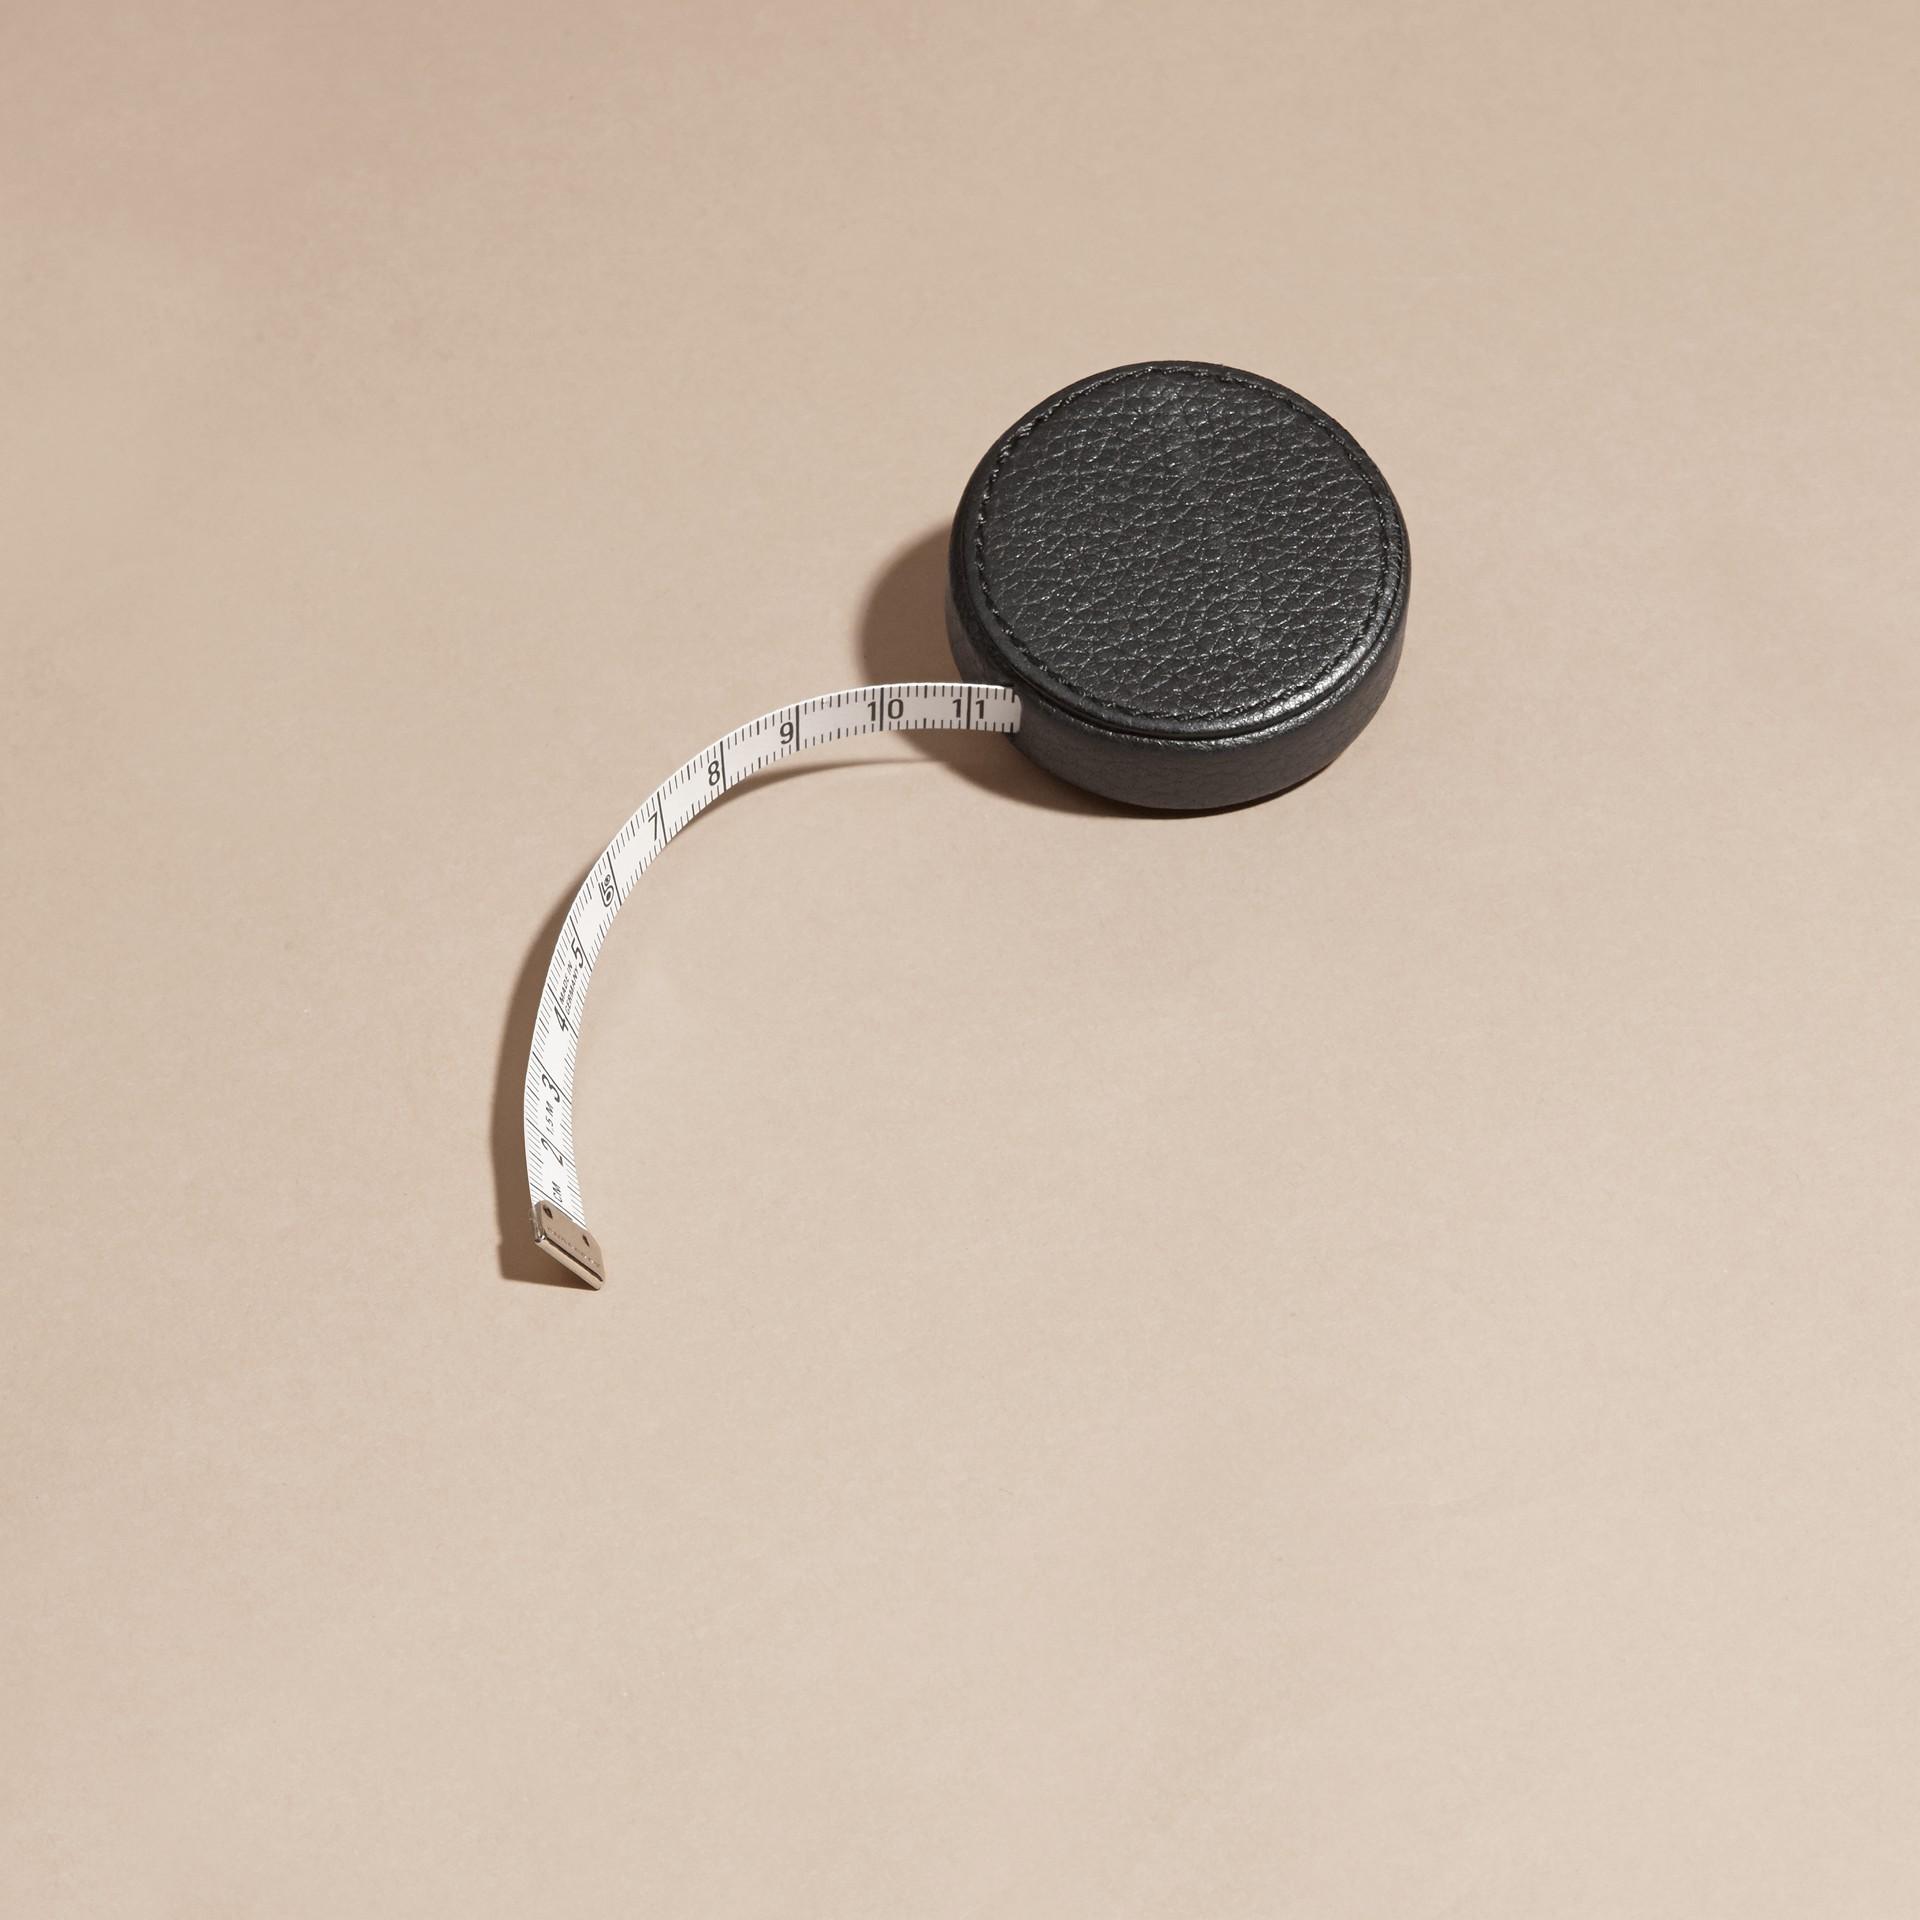 Preto Fita métrica com estojo de couro granulado - galeria de imagens 4